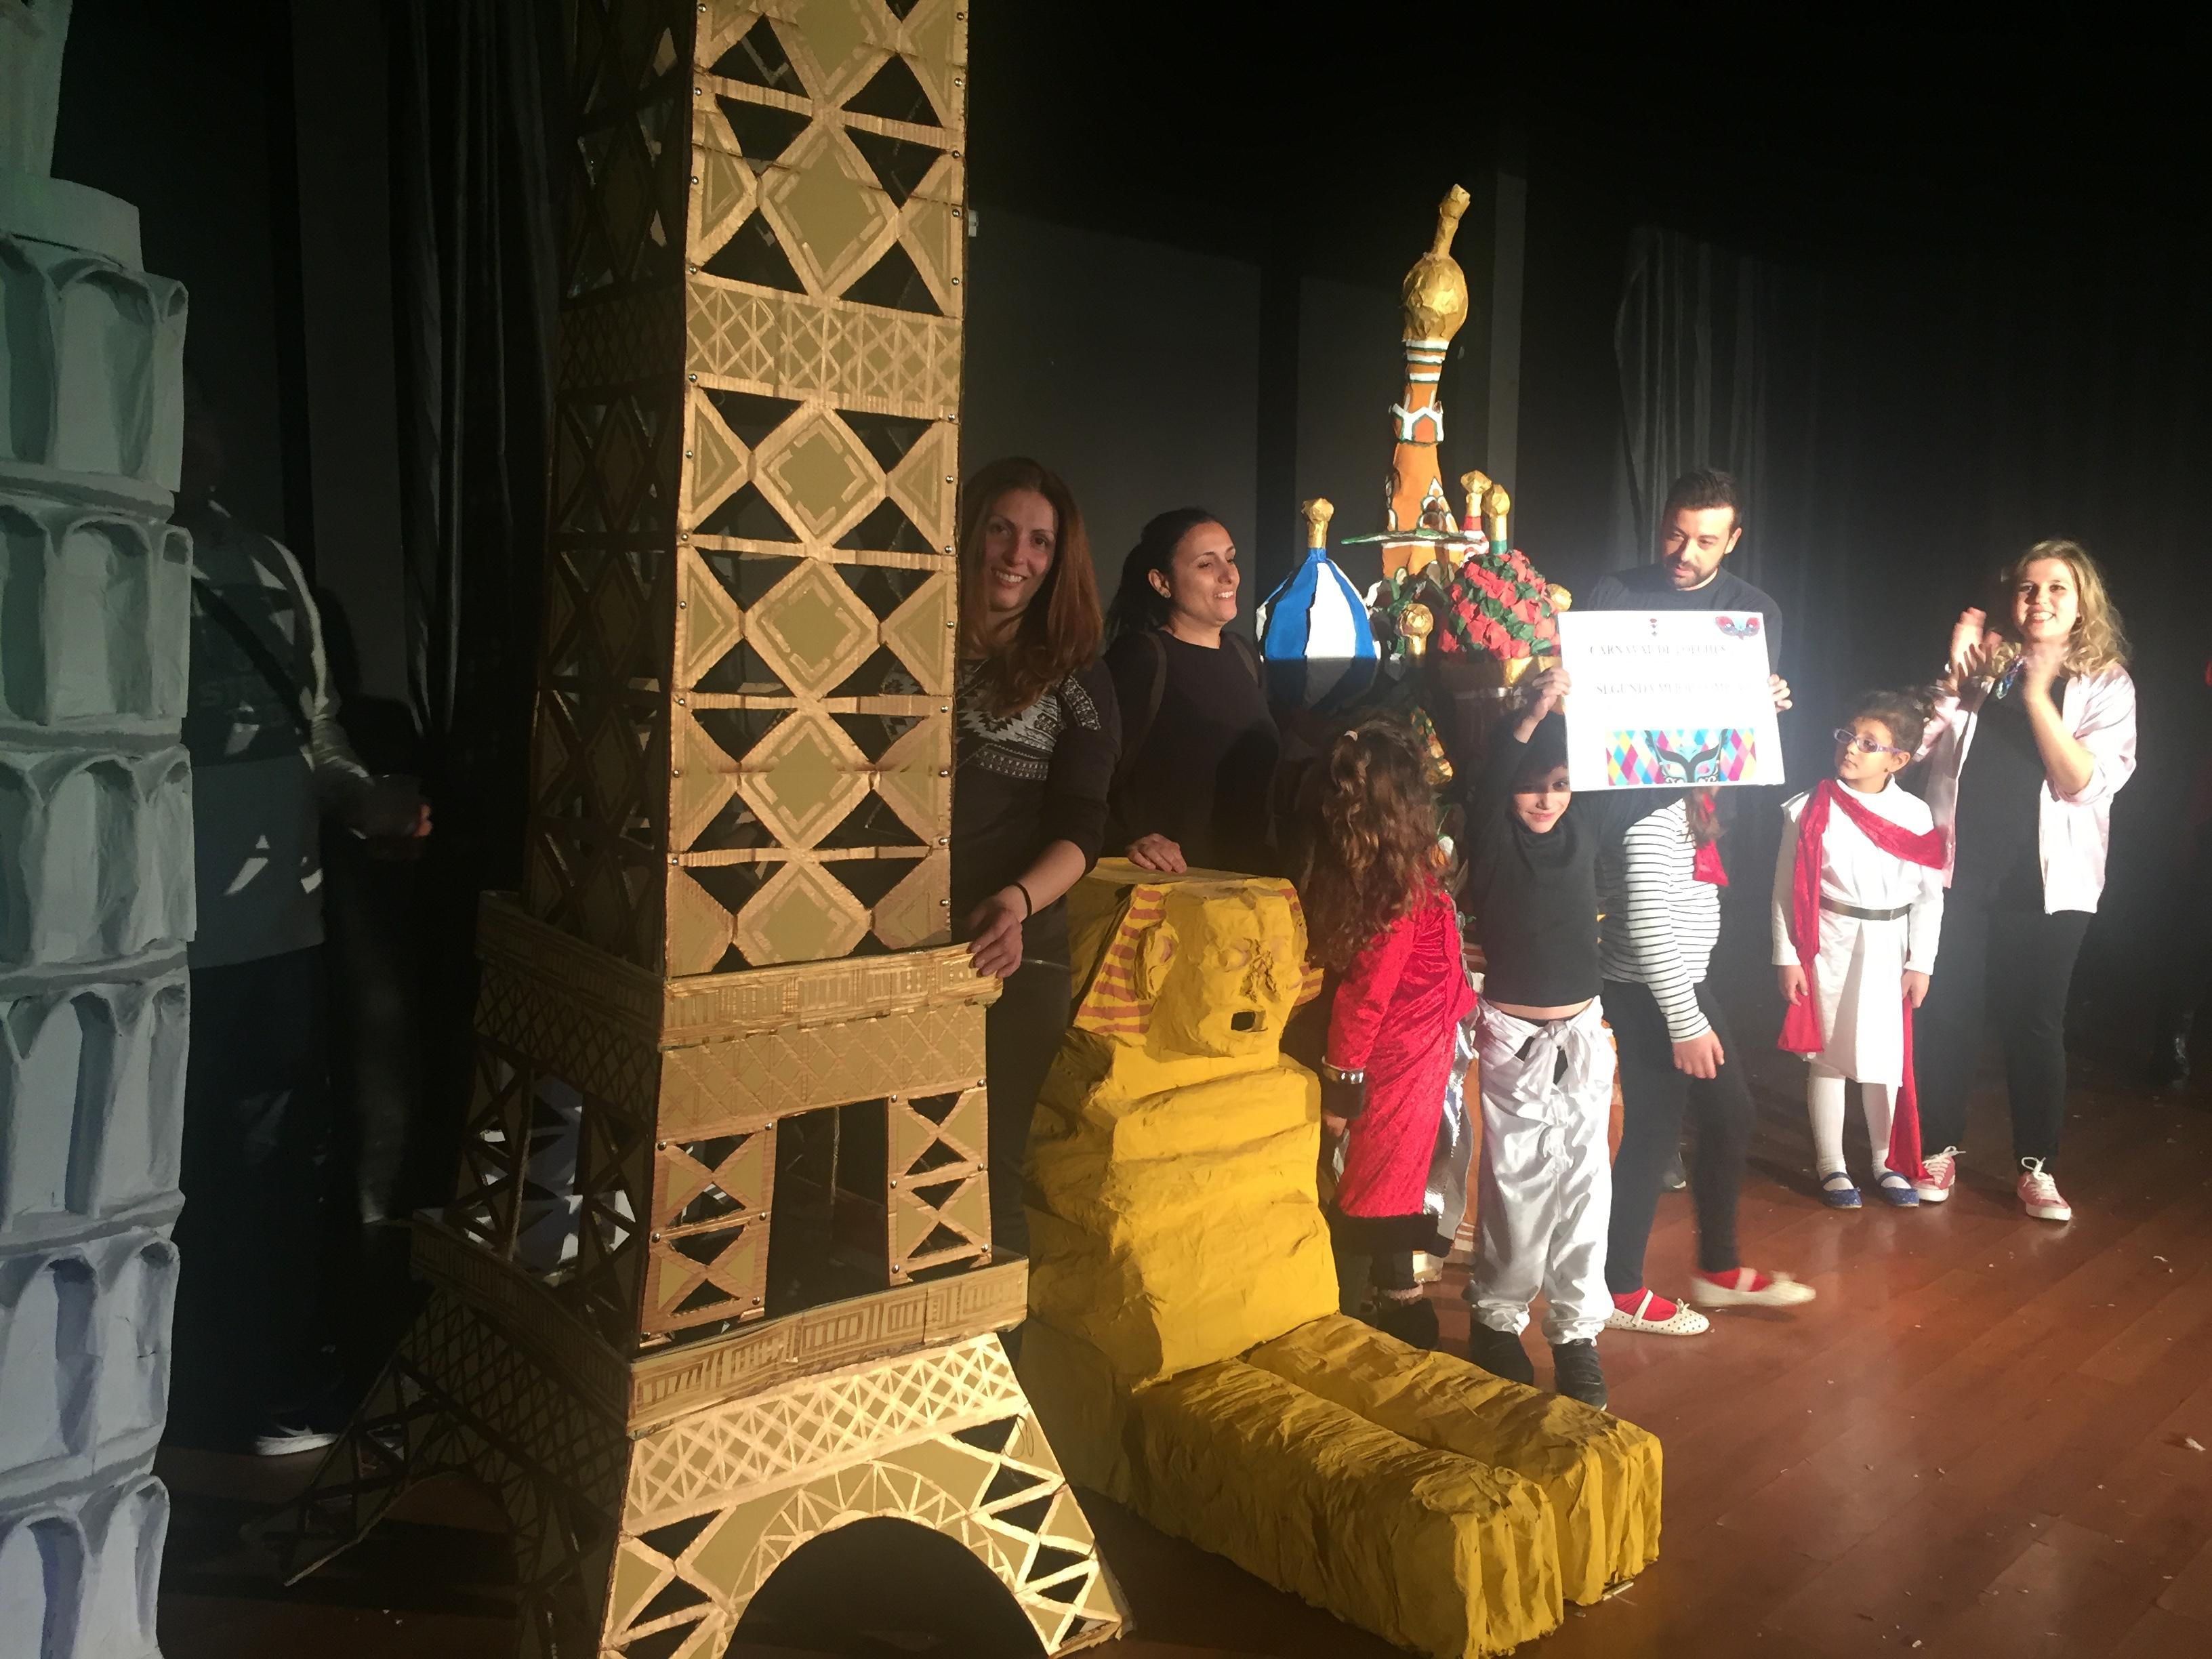 Concurso de disfraces del Carnaval de Loeches 2017